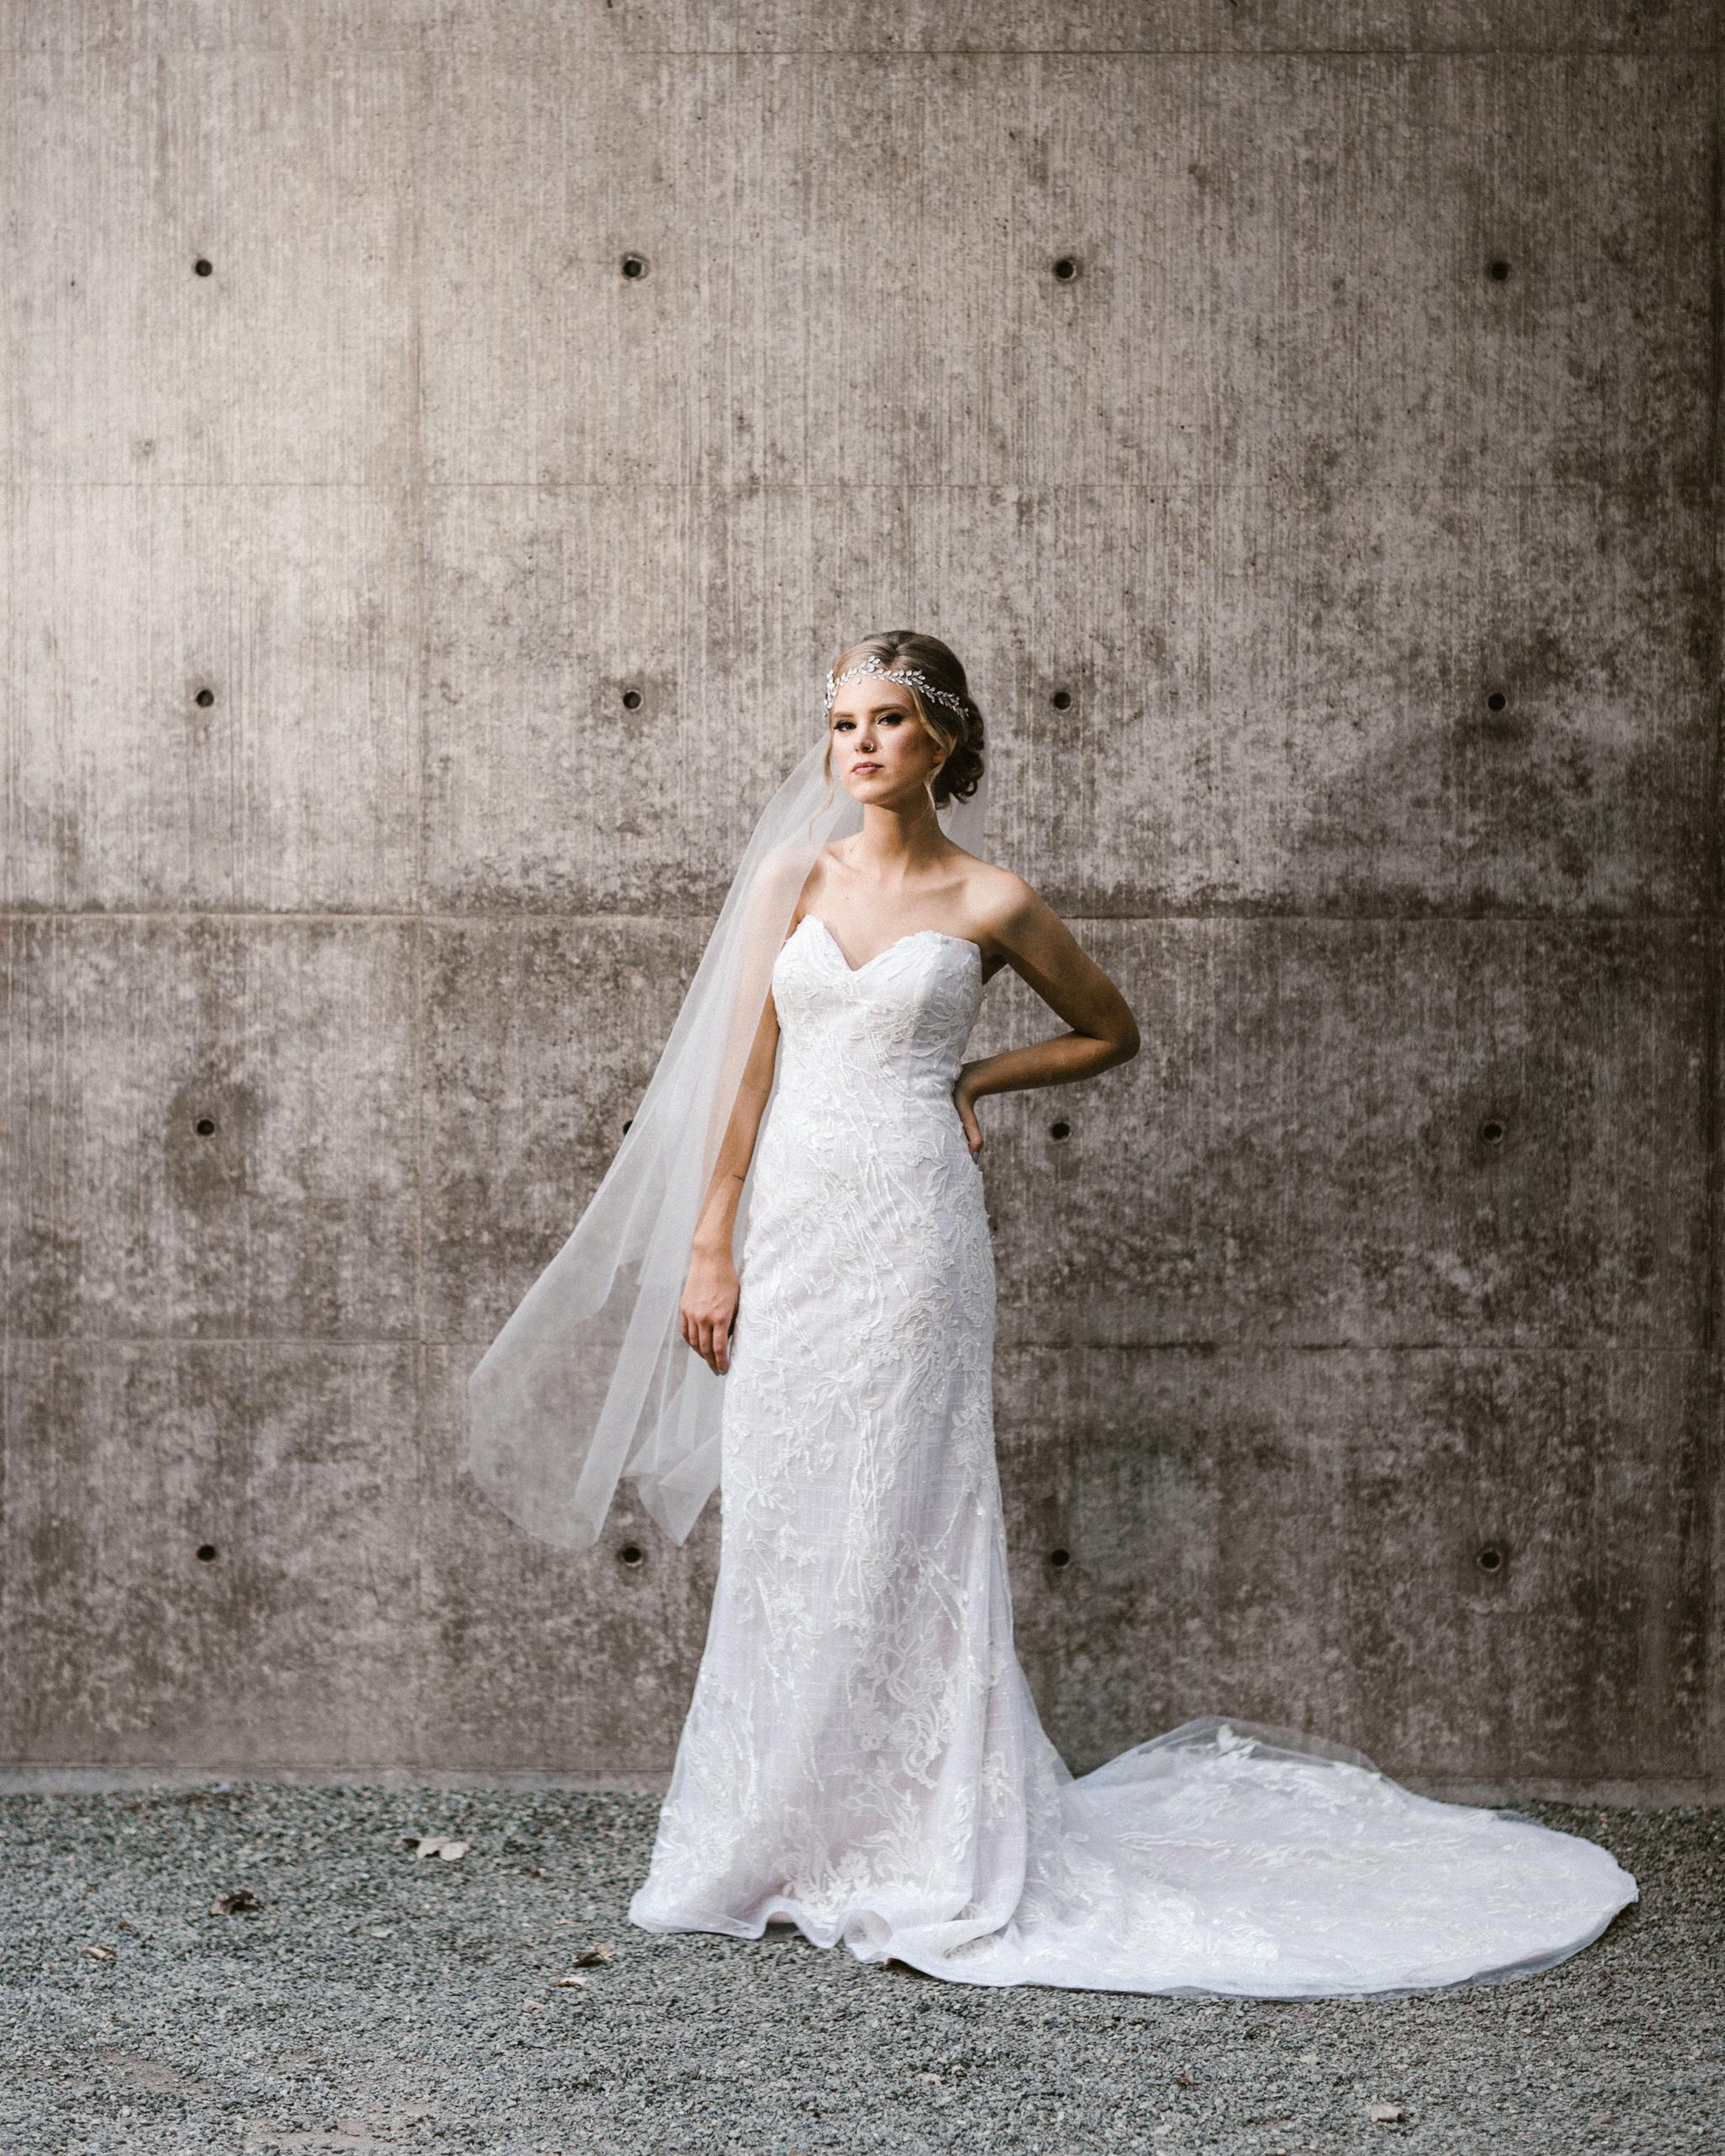 Elizabeth Lee Bridal Shoot #1- Web Ready-20IMG_2035.jpg